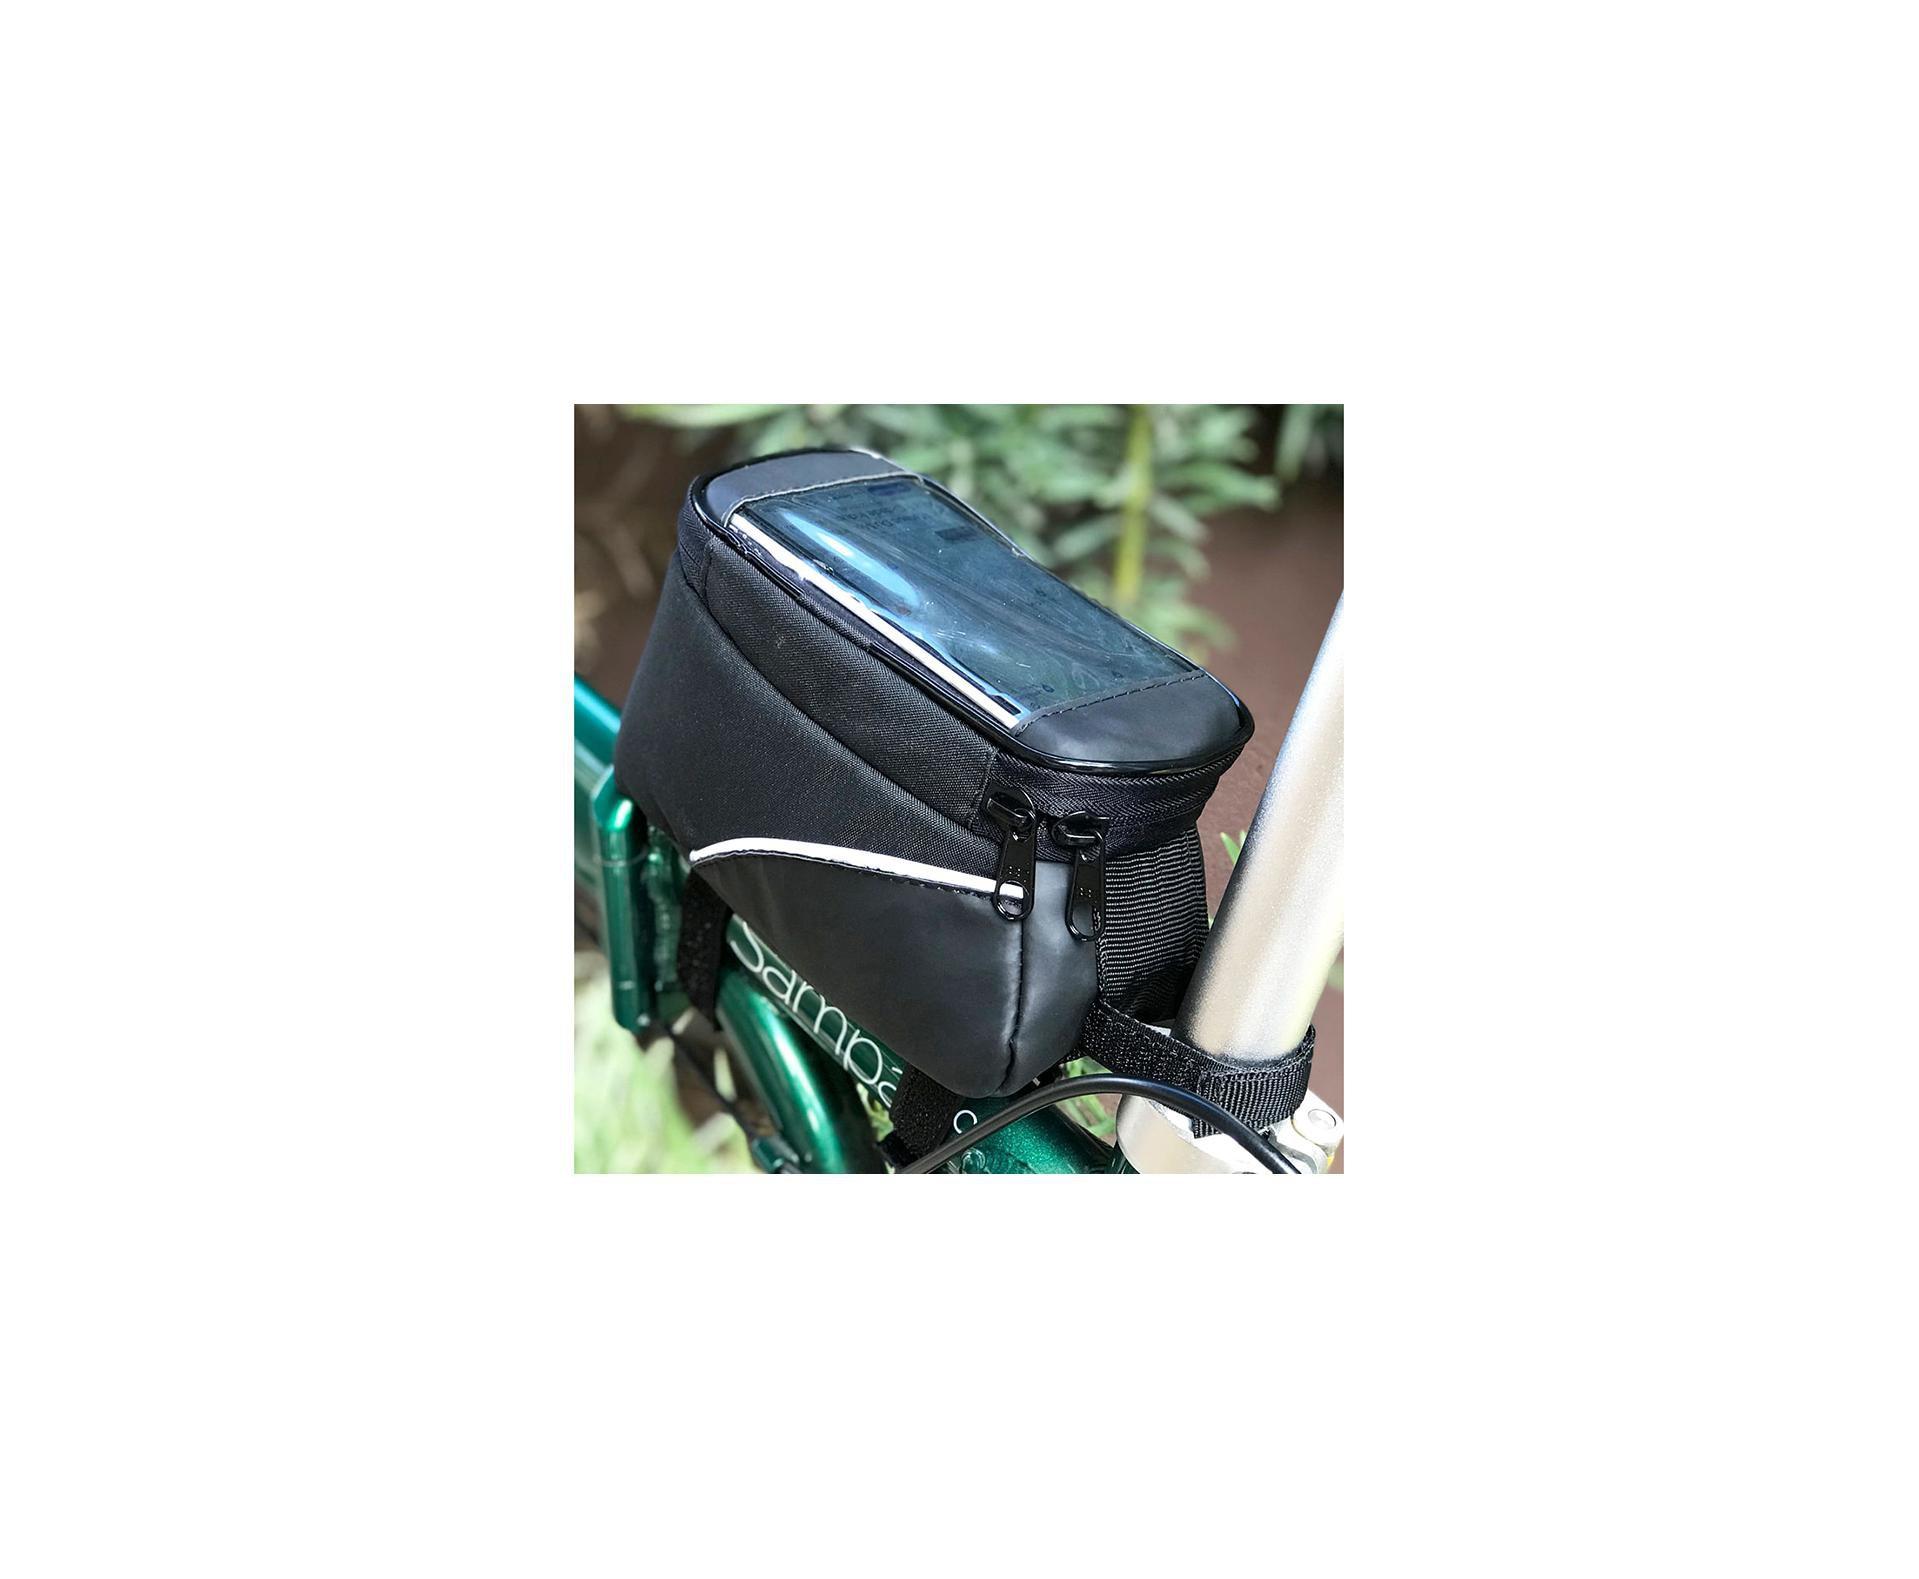 Bolsa para Quadro de Bicicleta - Porta Celular Durban Mobile